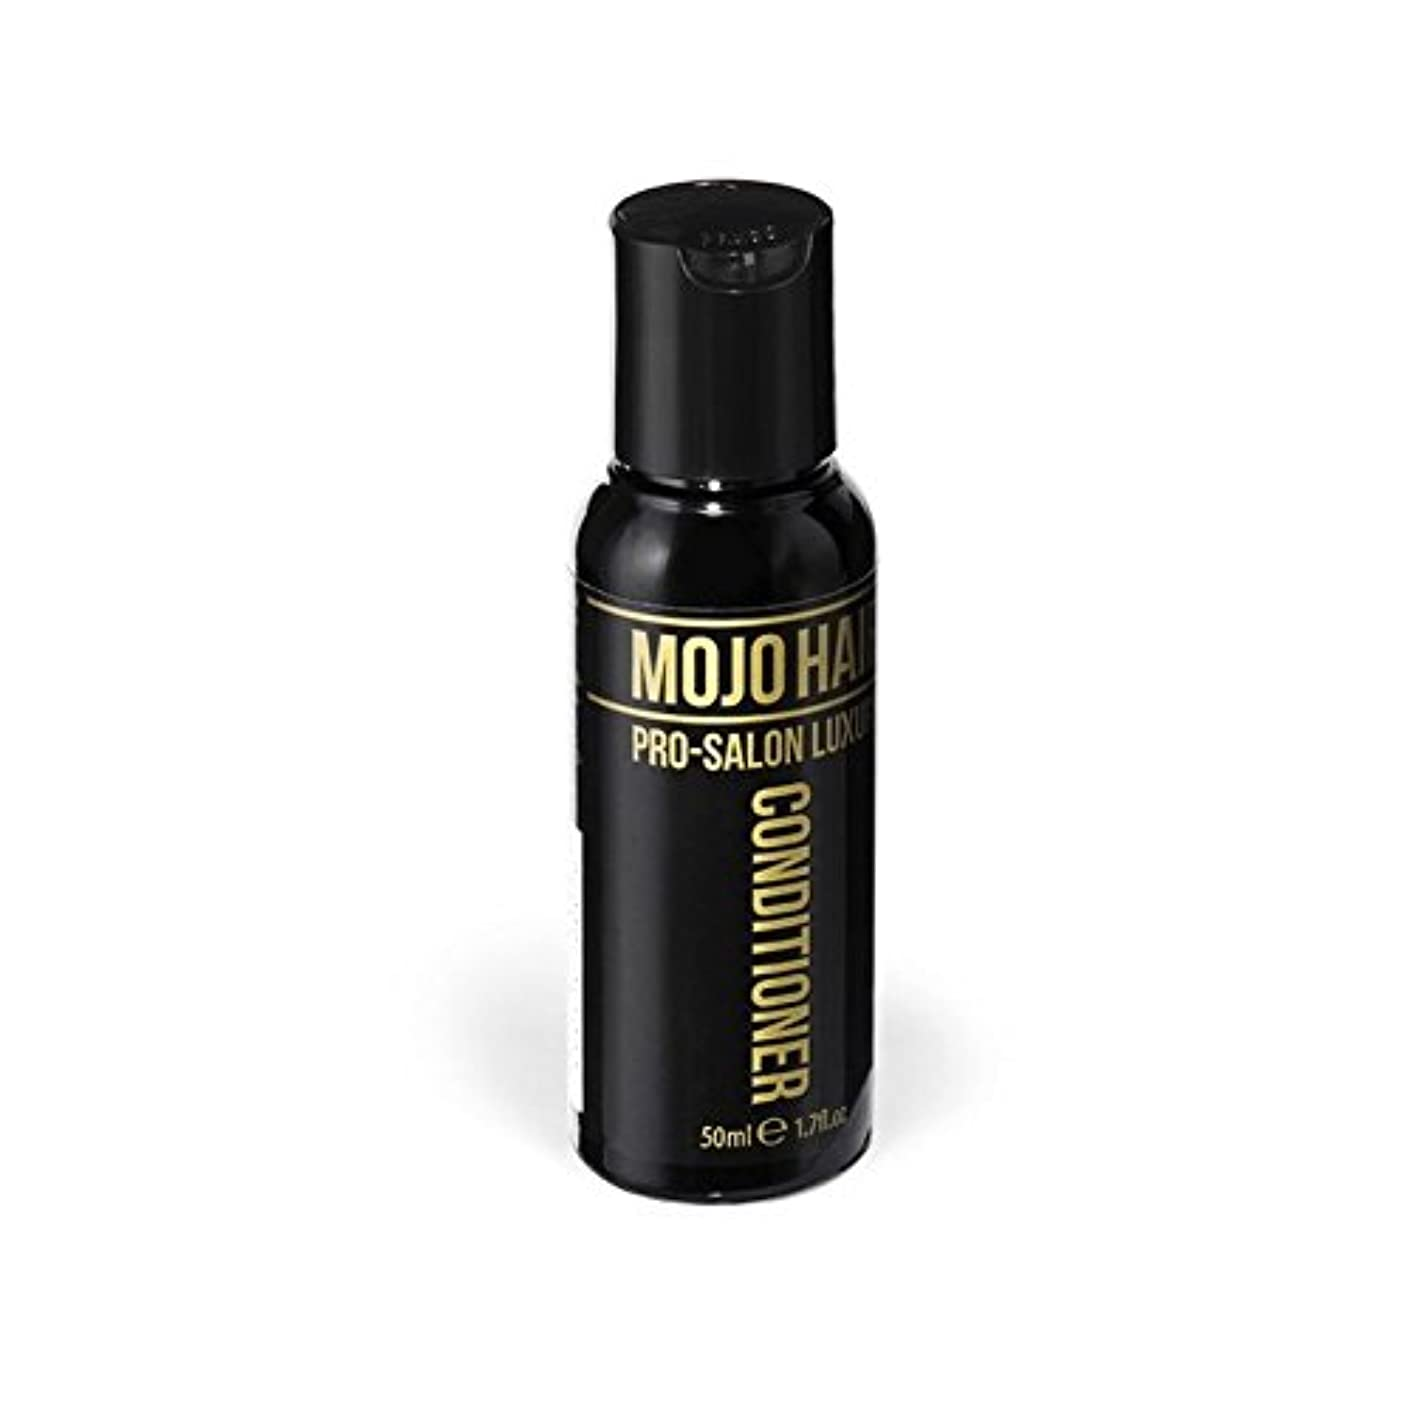 主流ポスター文字Mojo Hair Pro-Salon Luxury Conditioner (50ml) (Pack of 6) - モジョの毛プロのサロンの贅沢なコンディショナー(50ミリリットル) x6 [並行輸入品]